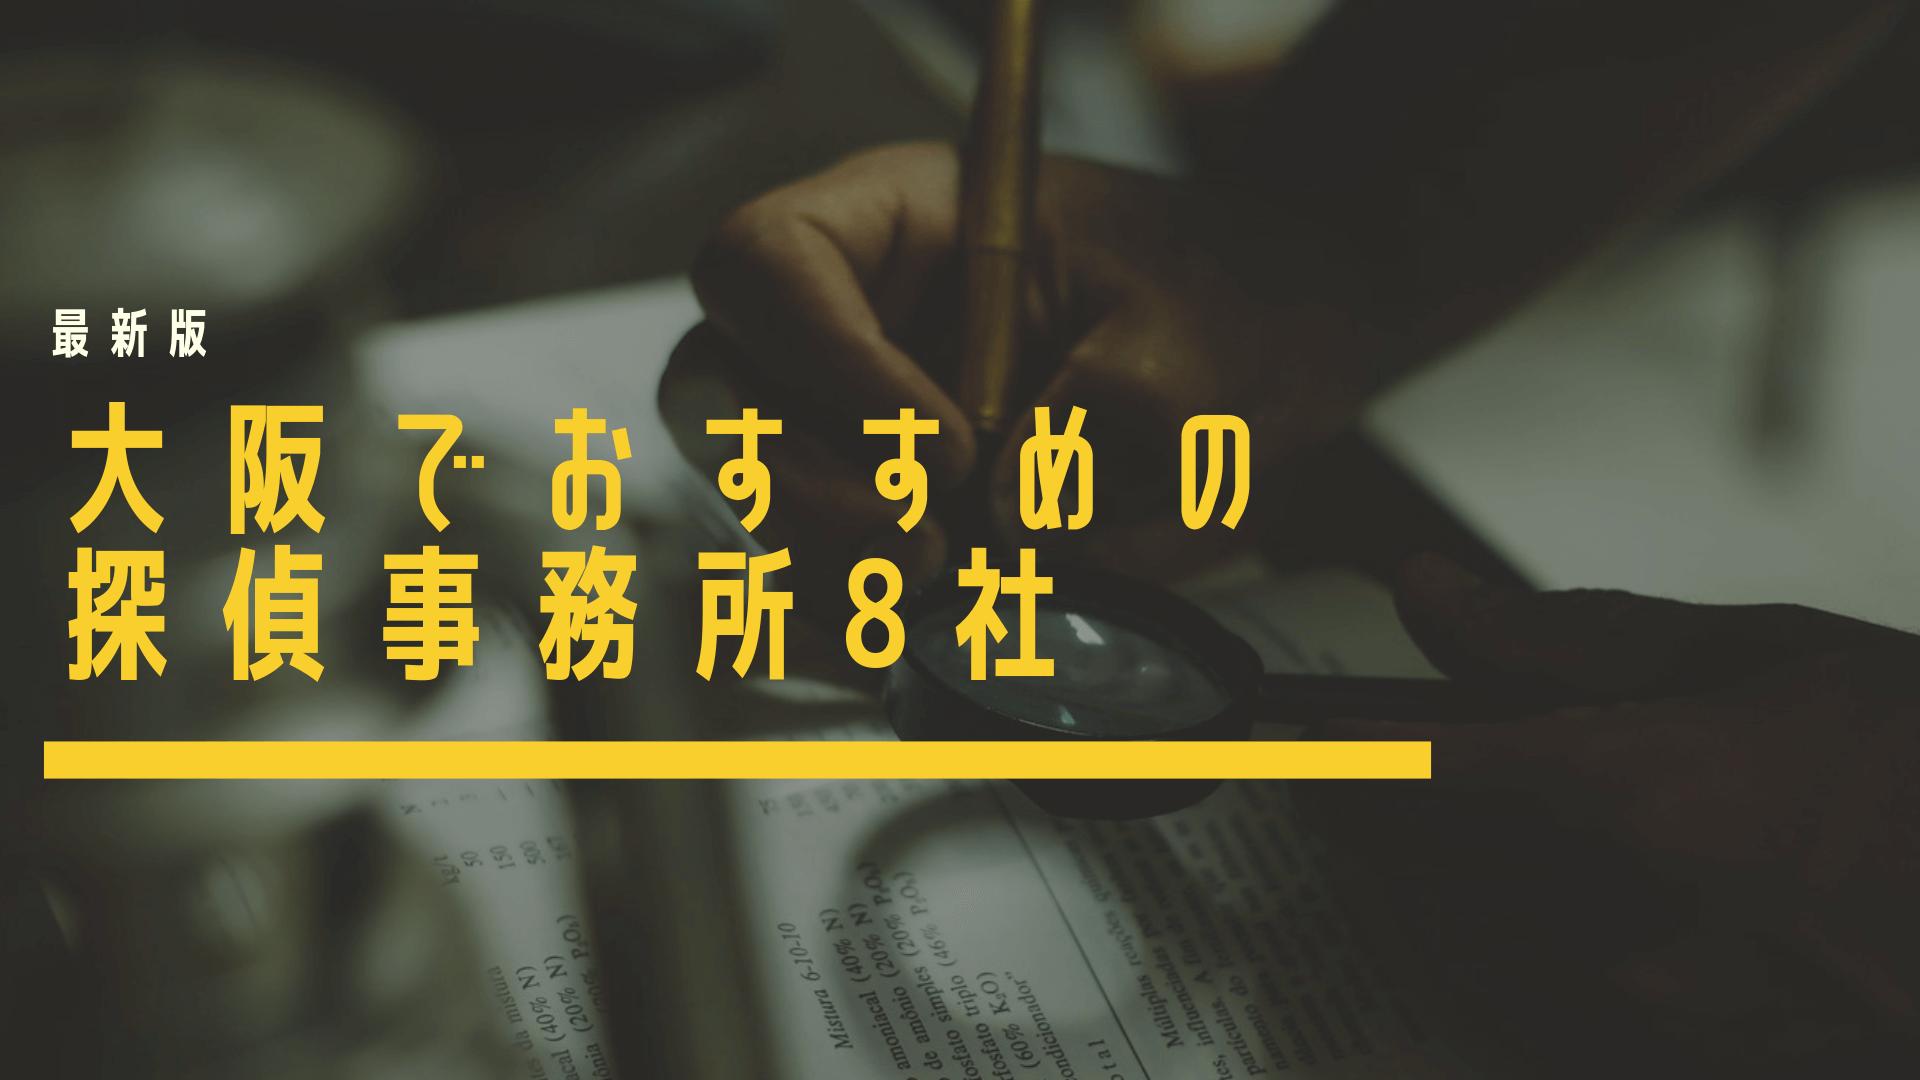 大阪でおすすめの探偵事務所・興信所8社を徹底比較